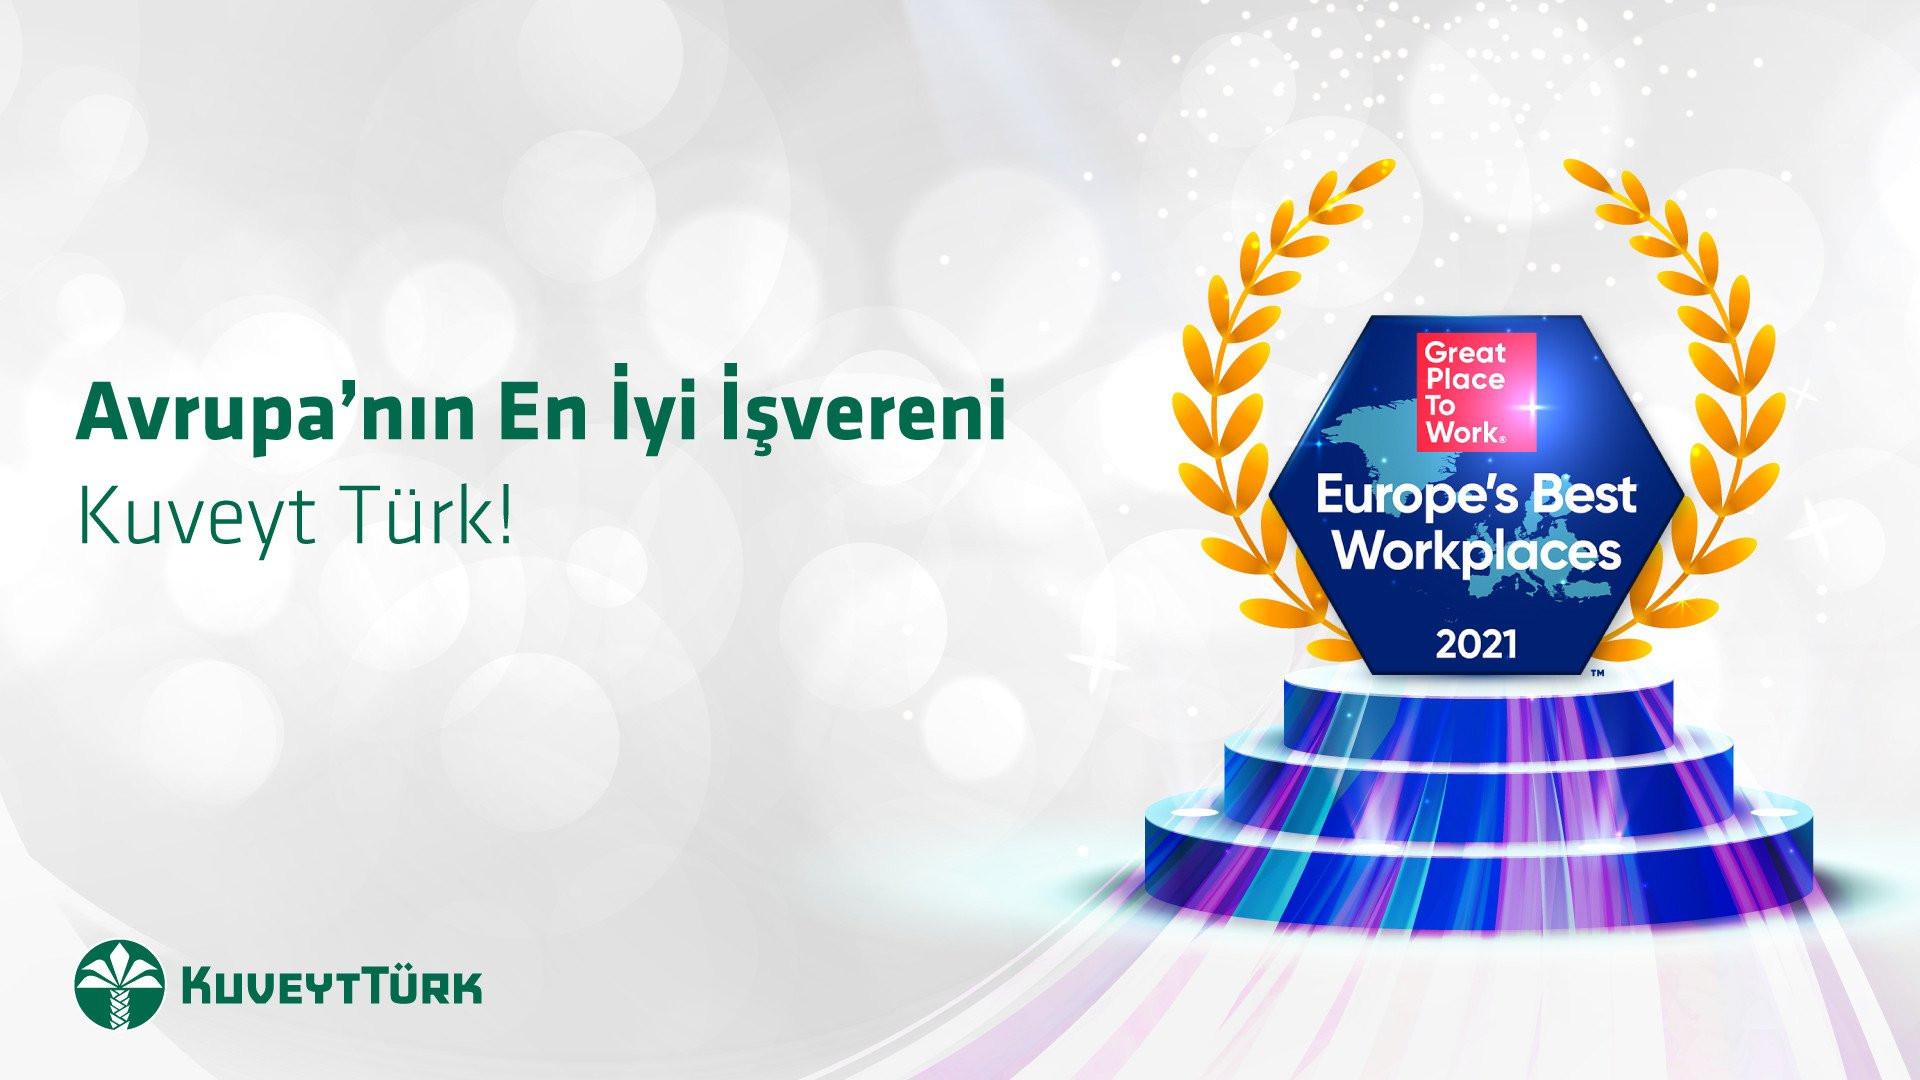 Kuveyt Türk, Great Place to Work Enstitüsü tarafından Avrupa'nın en iyi işvereni seçildi